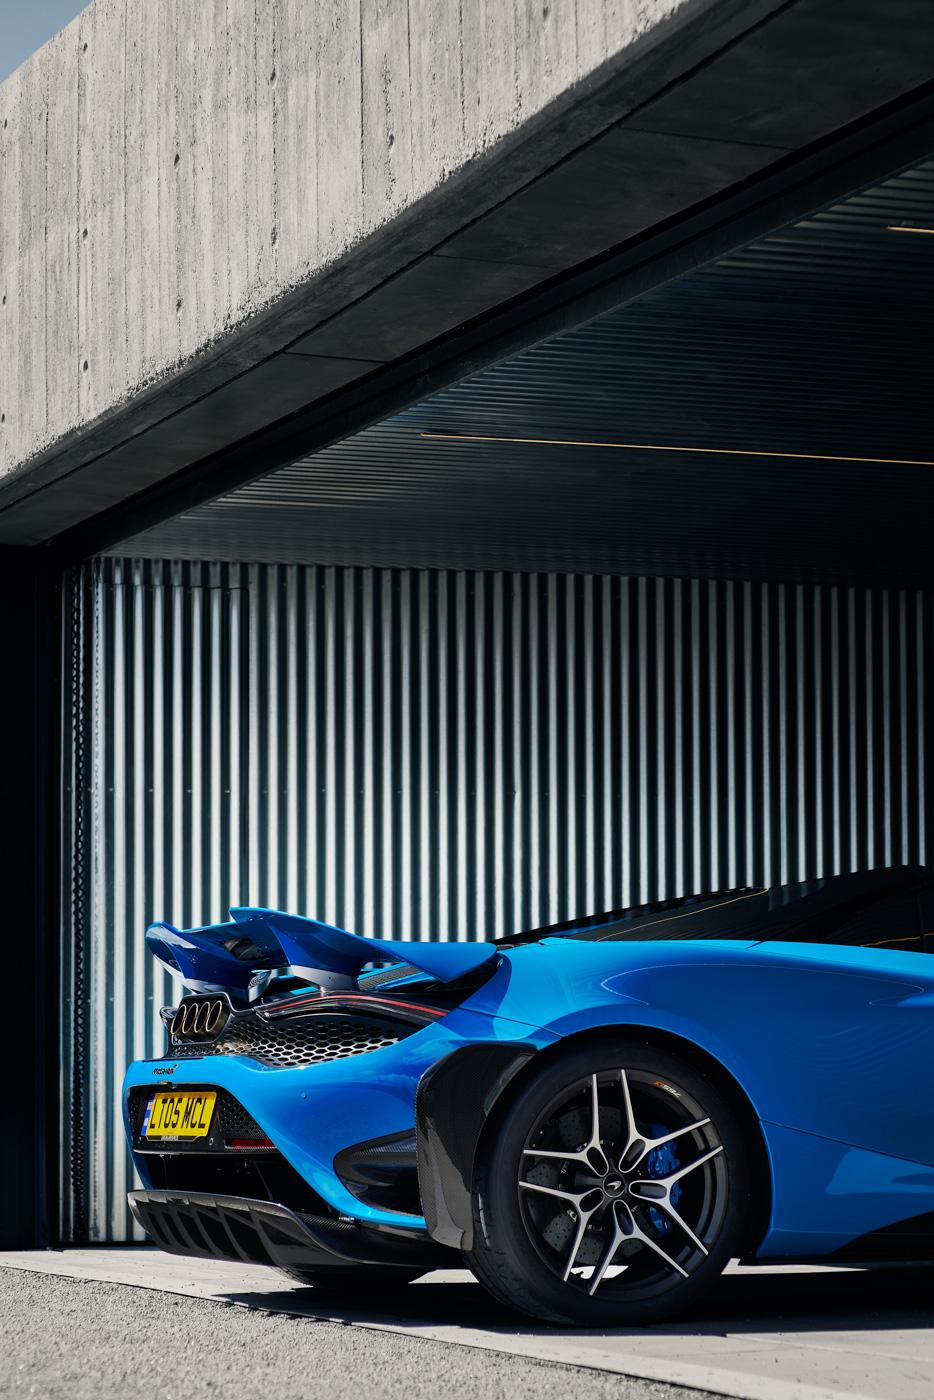 McLaren-765-LT-Spider-siêu-xe-mui-trần-hiệu-năng-cao-dẫn-đầu-phân-khúc-4.jpg